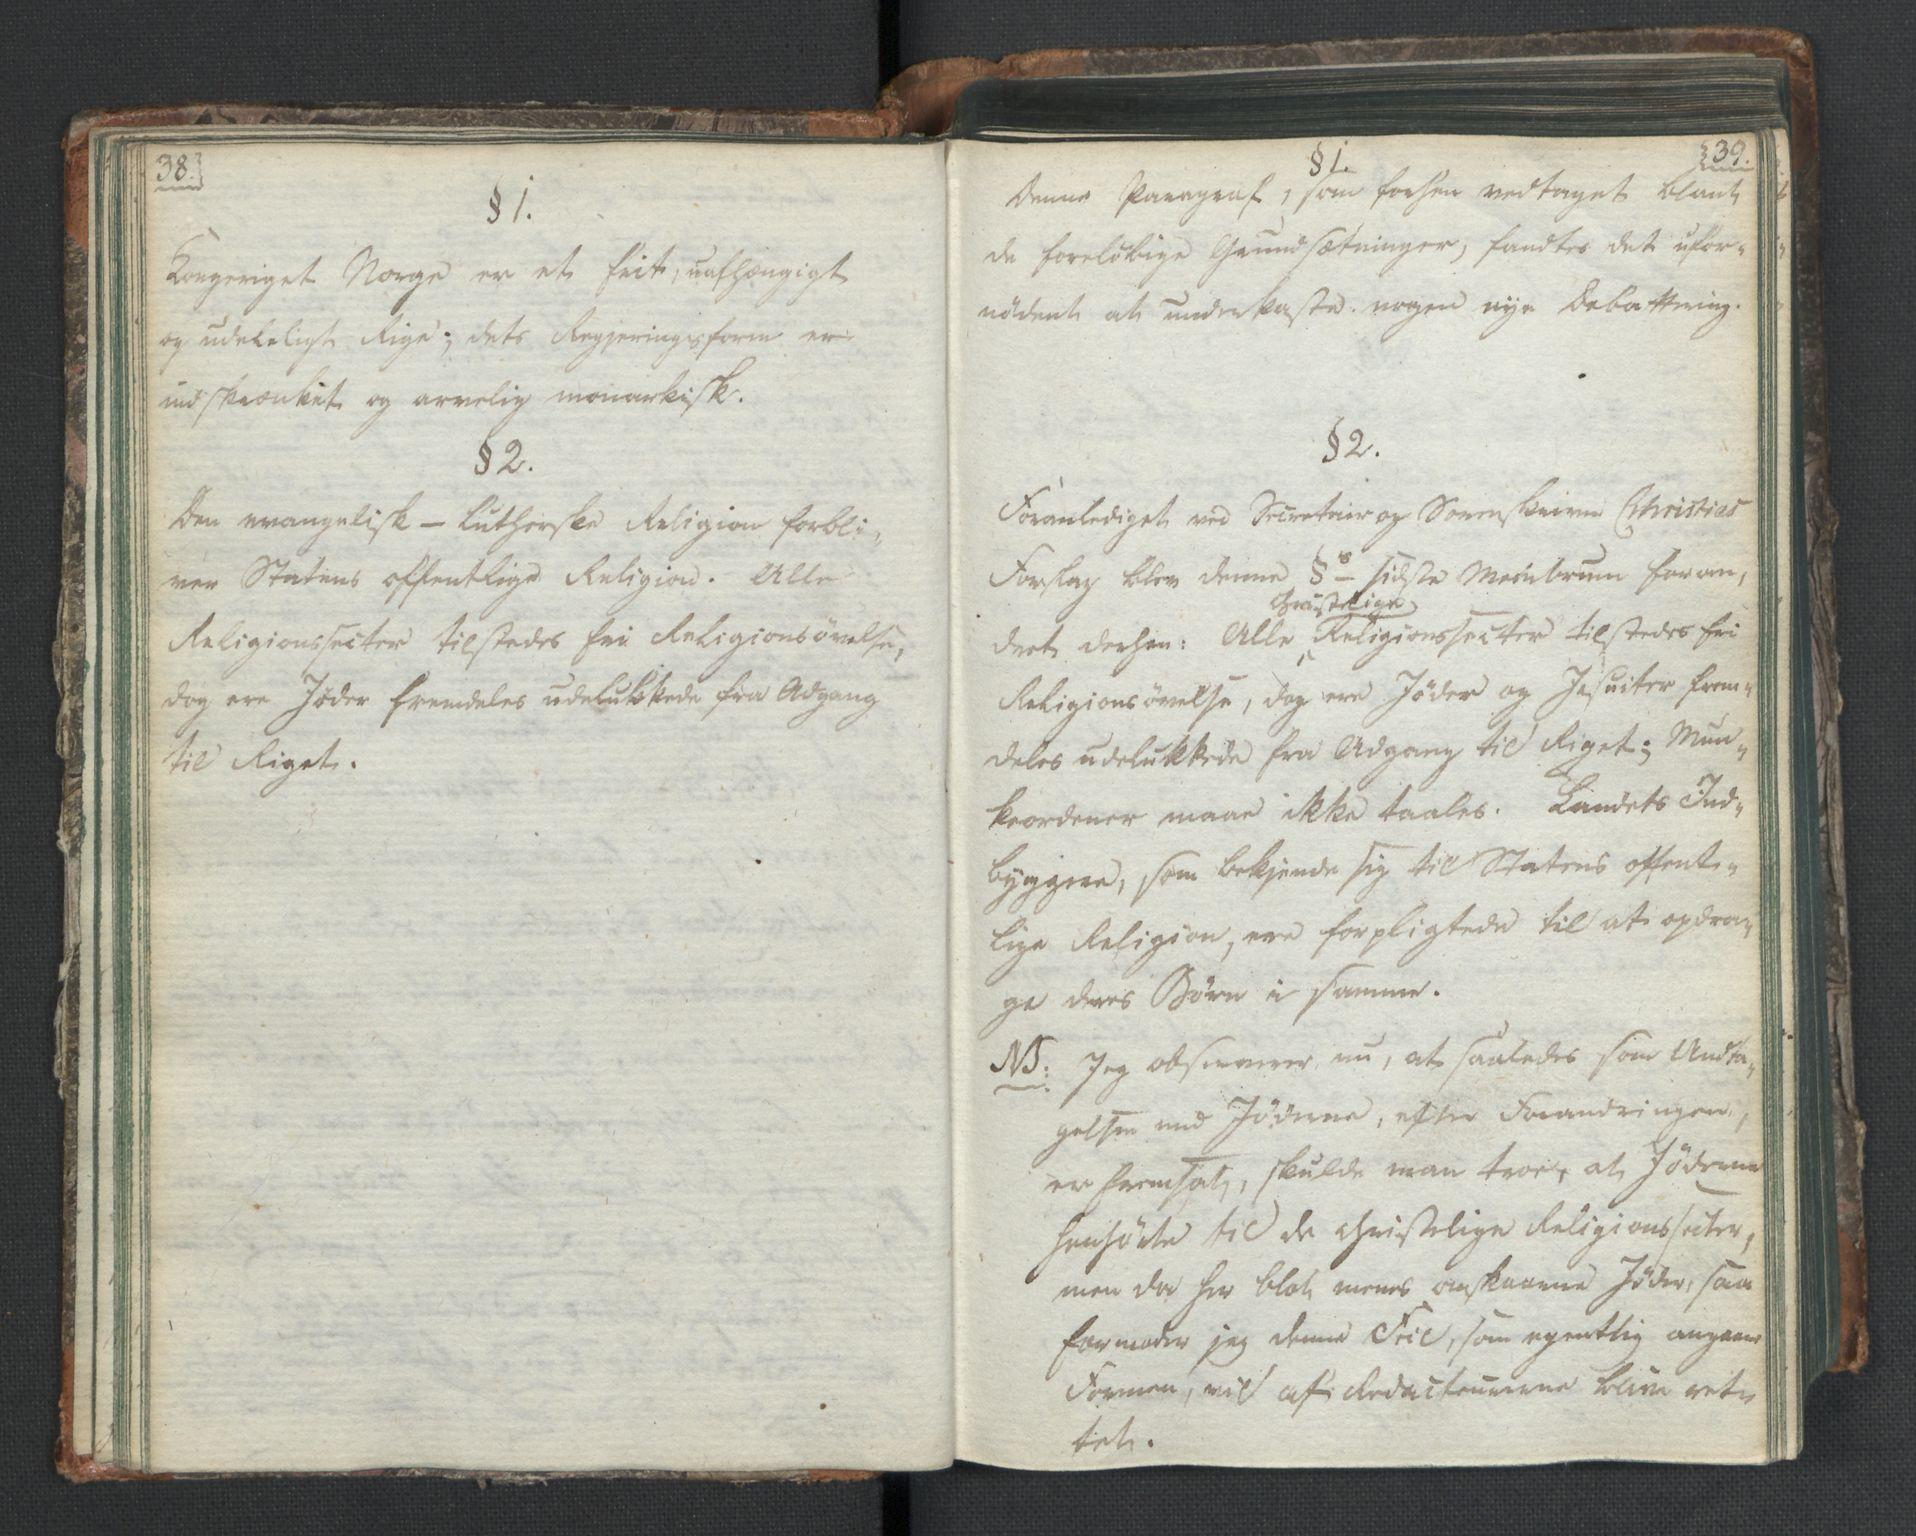 RA, Manuskriptsamlingen, H/L0021: Byfogd Gregers Winther Wulfbergs dagbok under Riksforsamlingen på Eidsvoll, 1814, s. 38-39